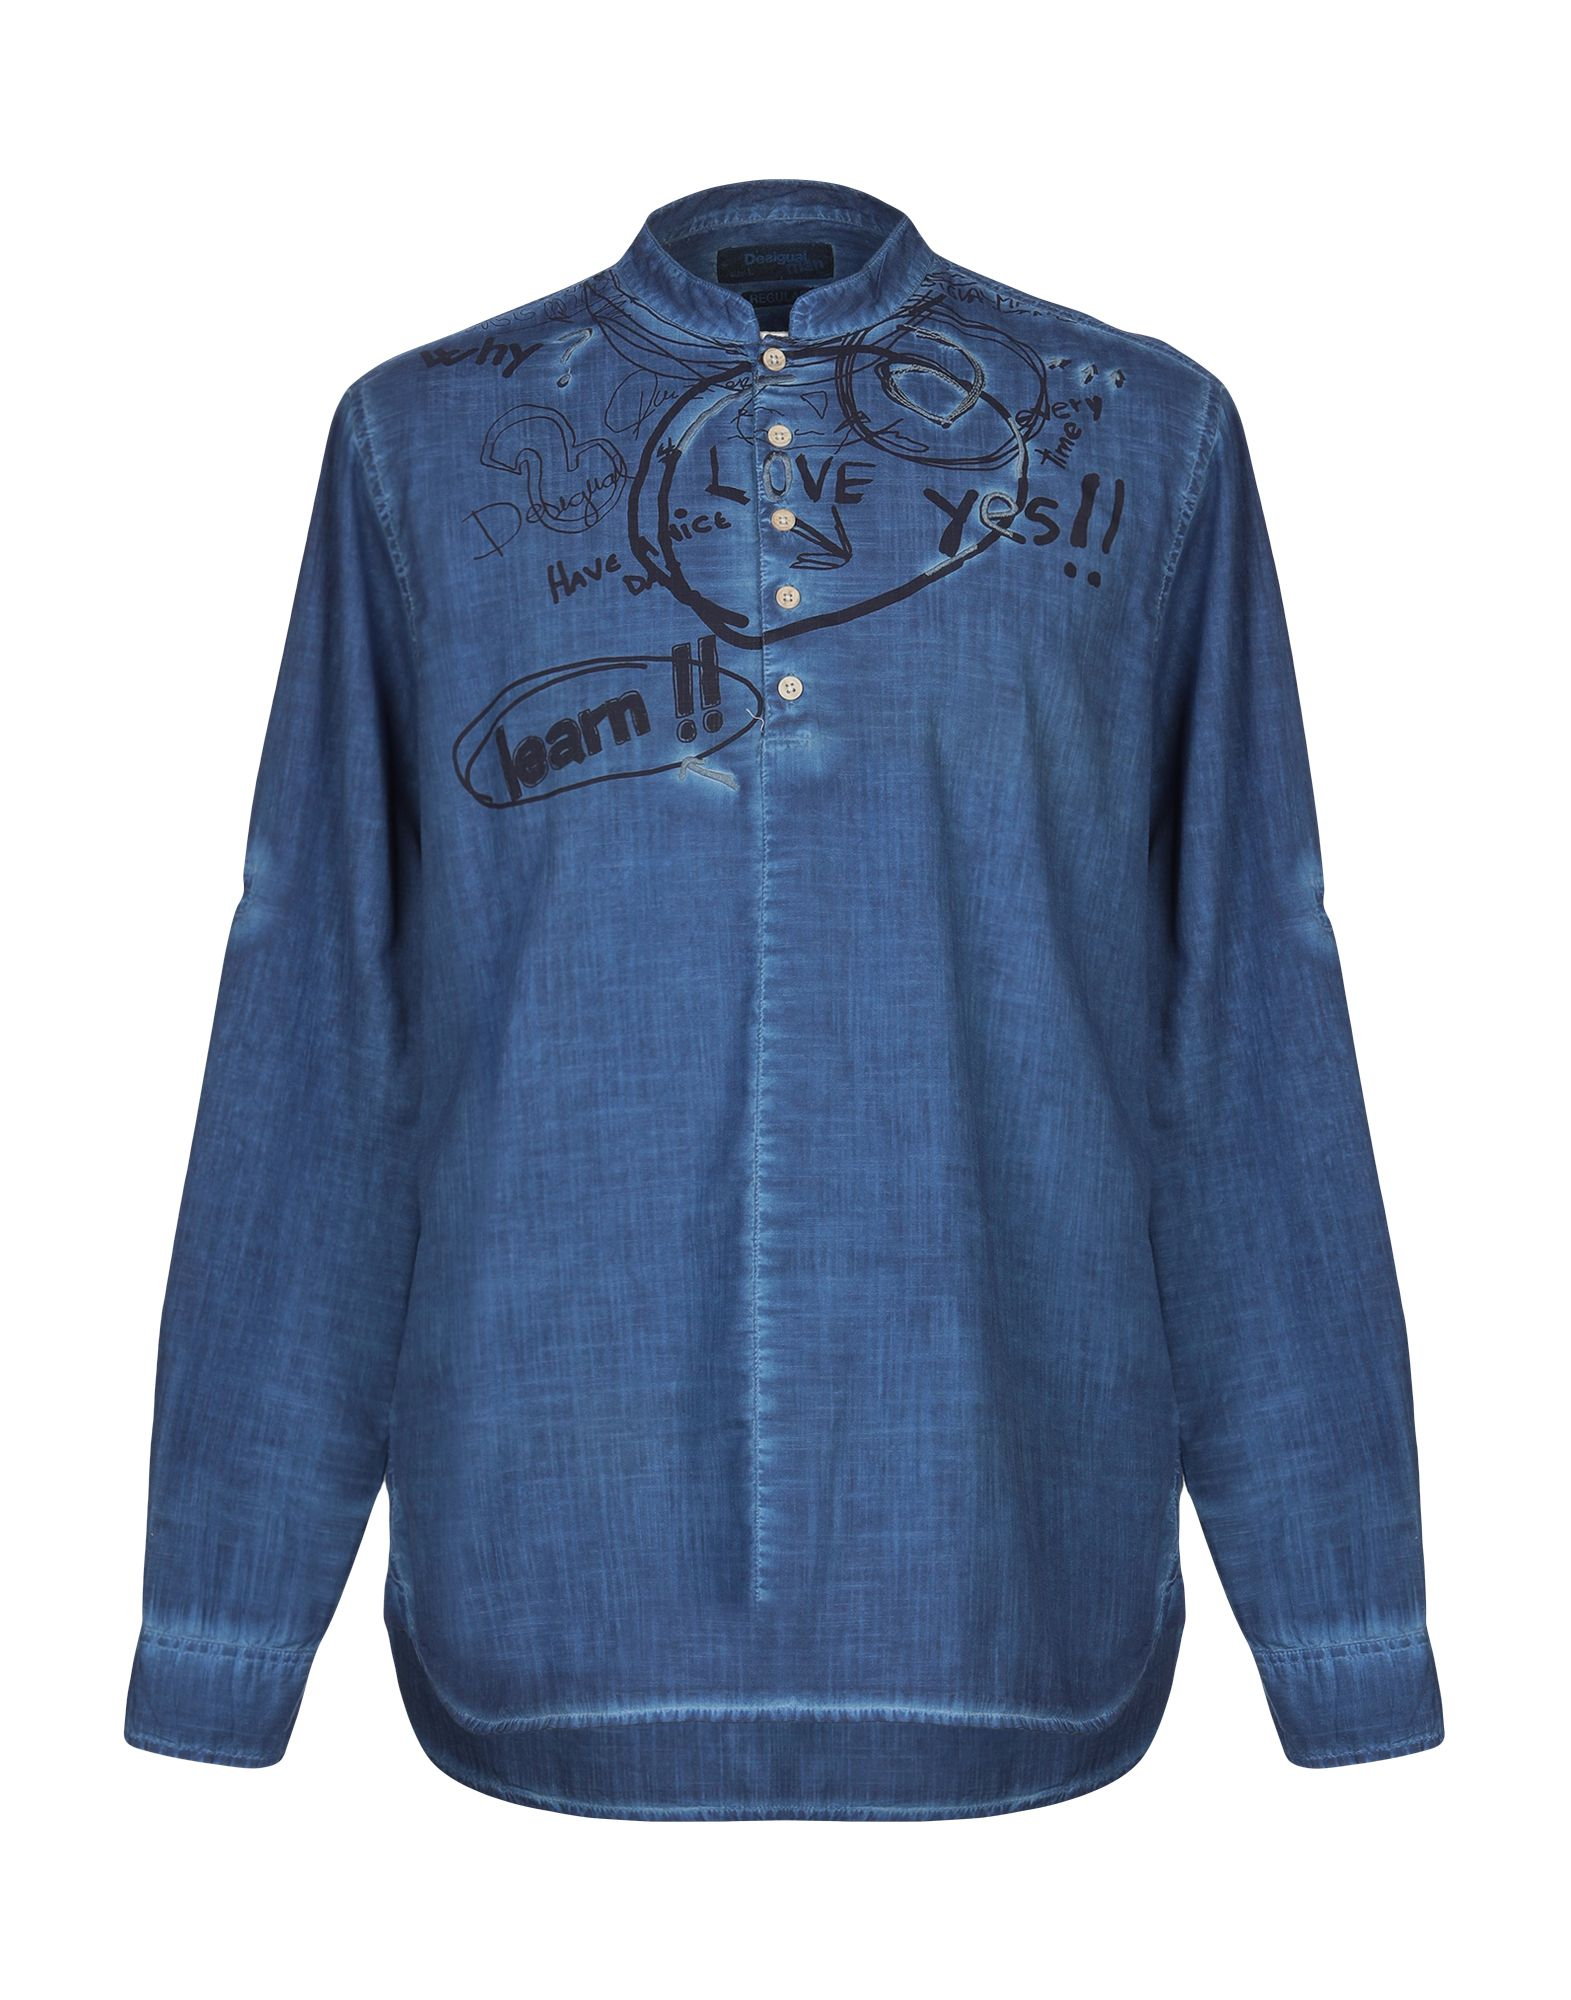 《送料無料》DESIGUAL メンズ シャツ ダークブルー S コットン 100%